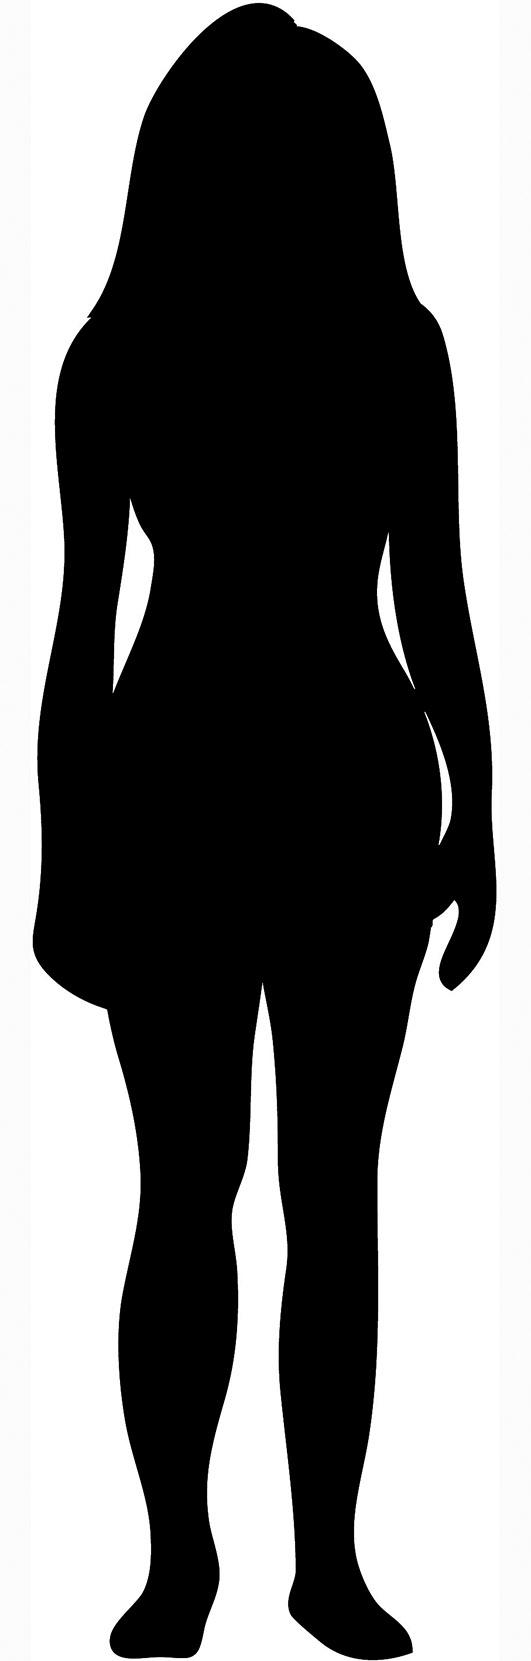 Human clipart female #10